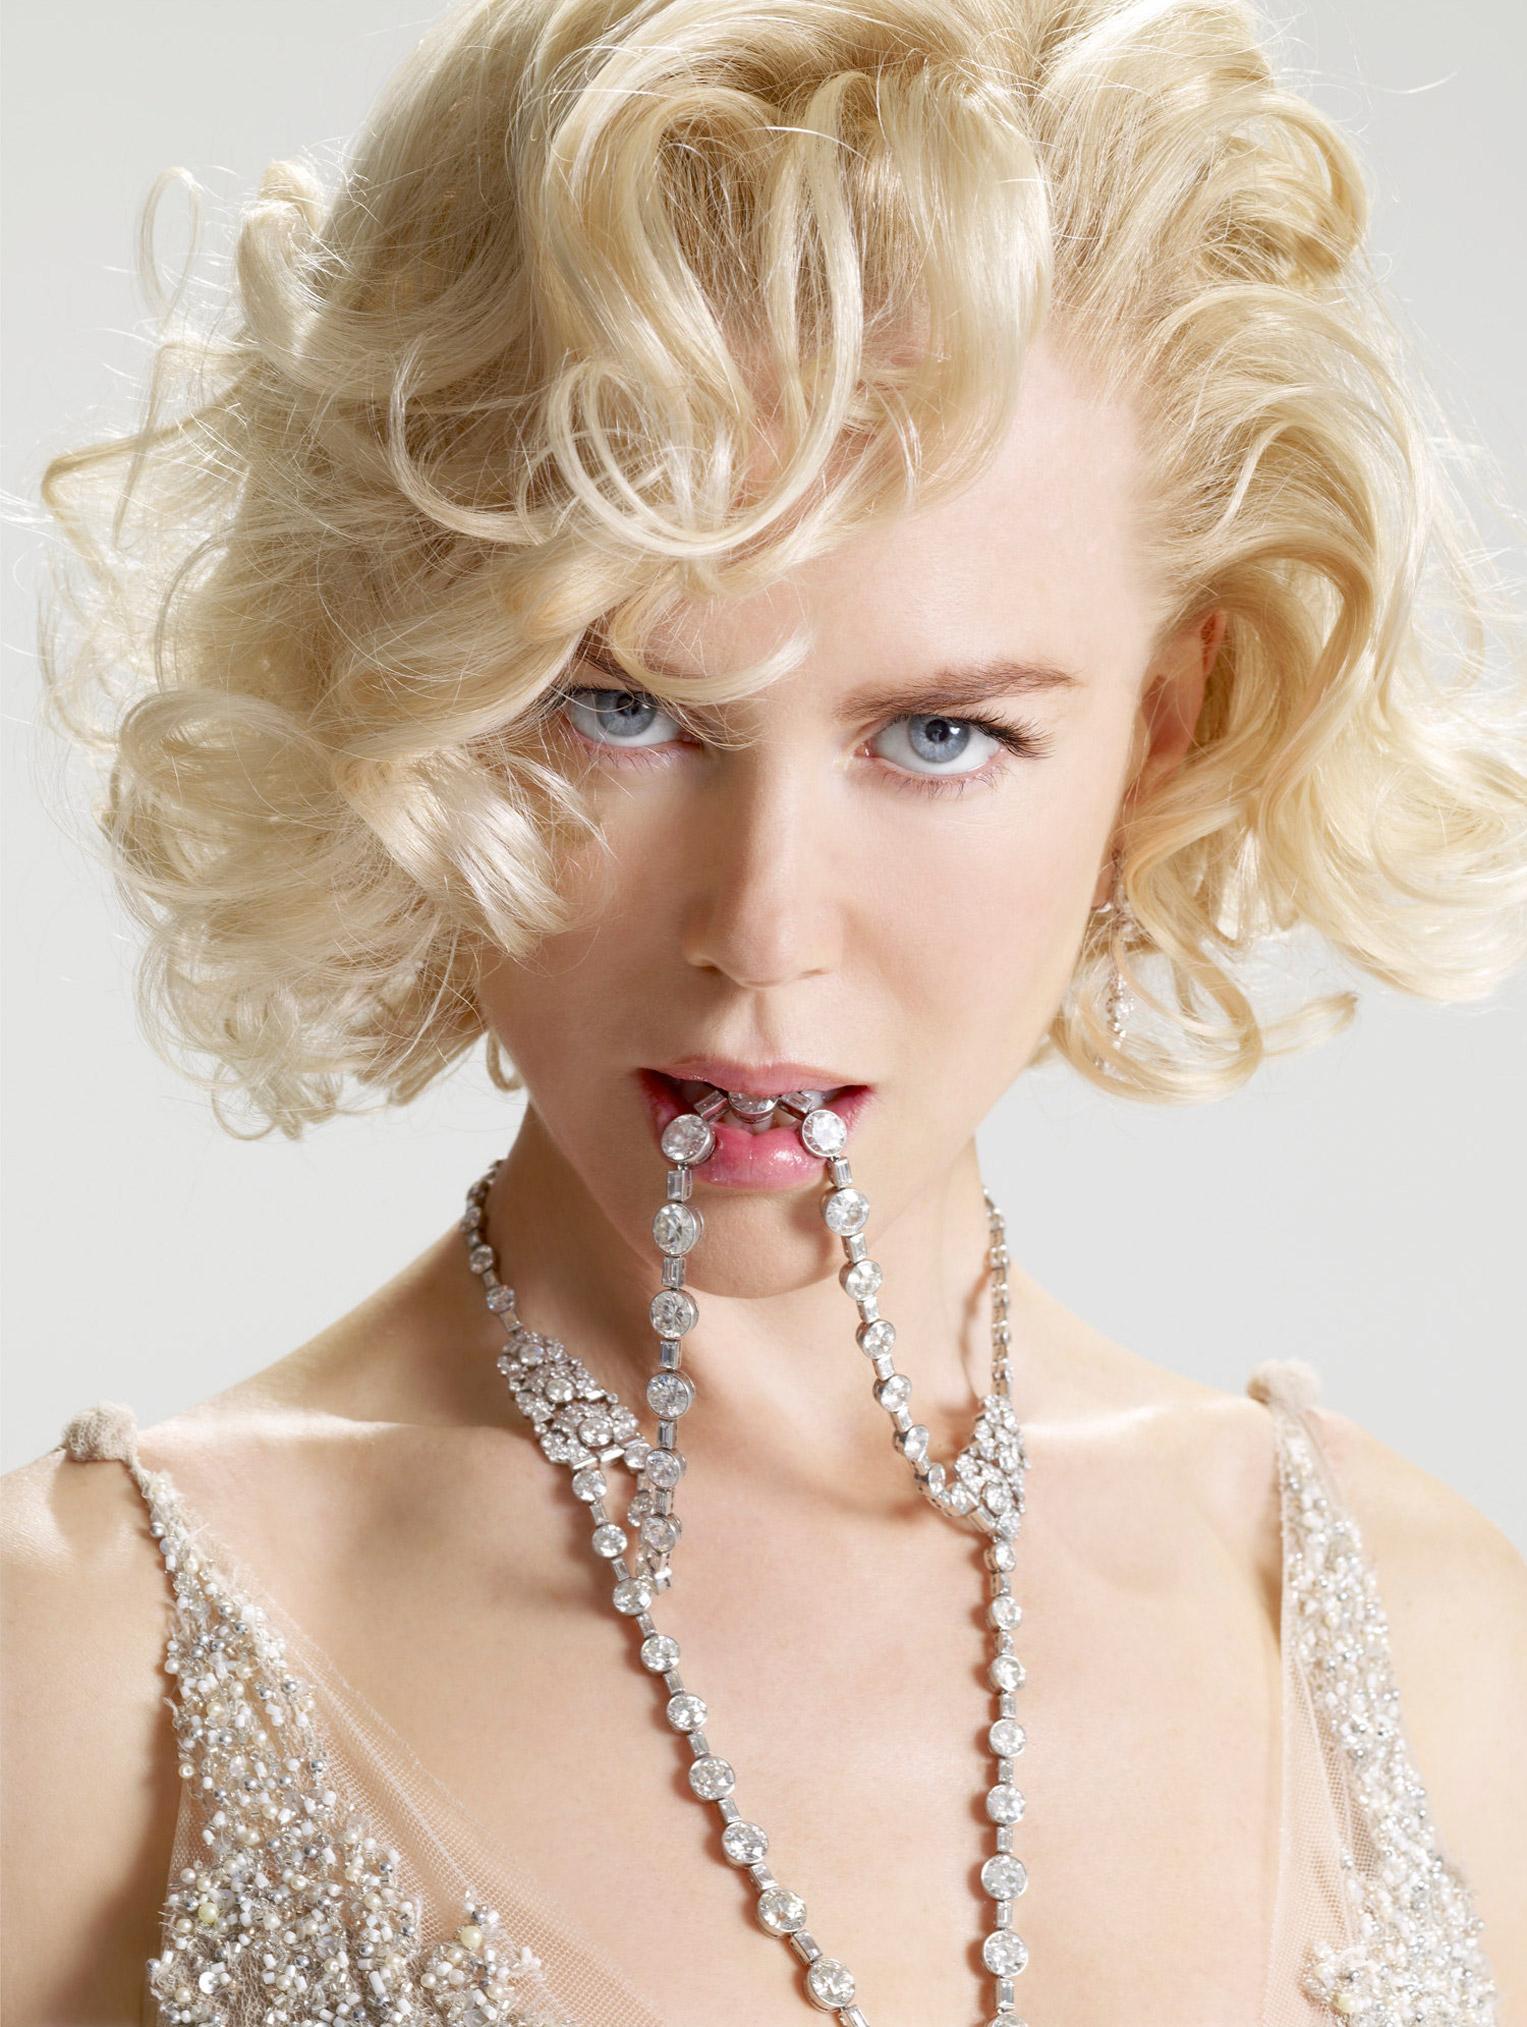 Николь Кидман в журнале Harpers Bazaar Австралия / фото 07